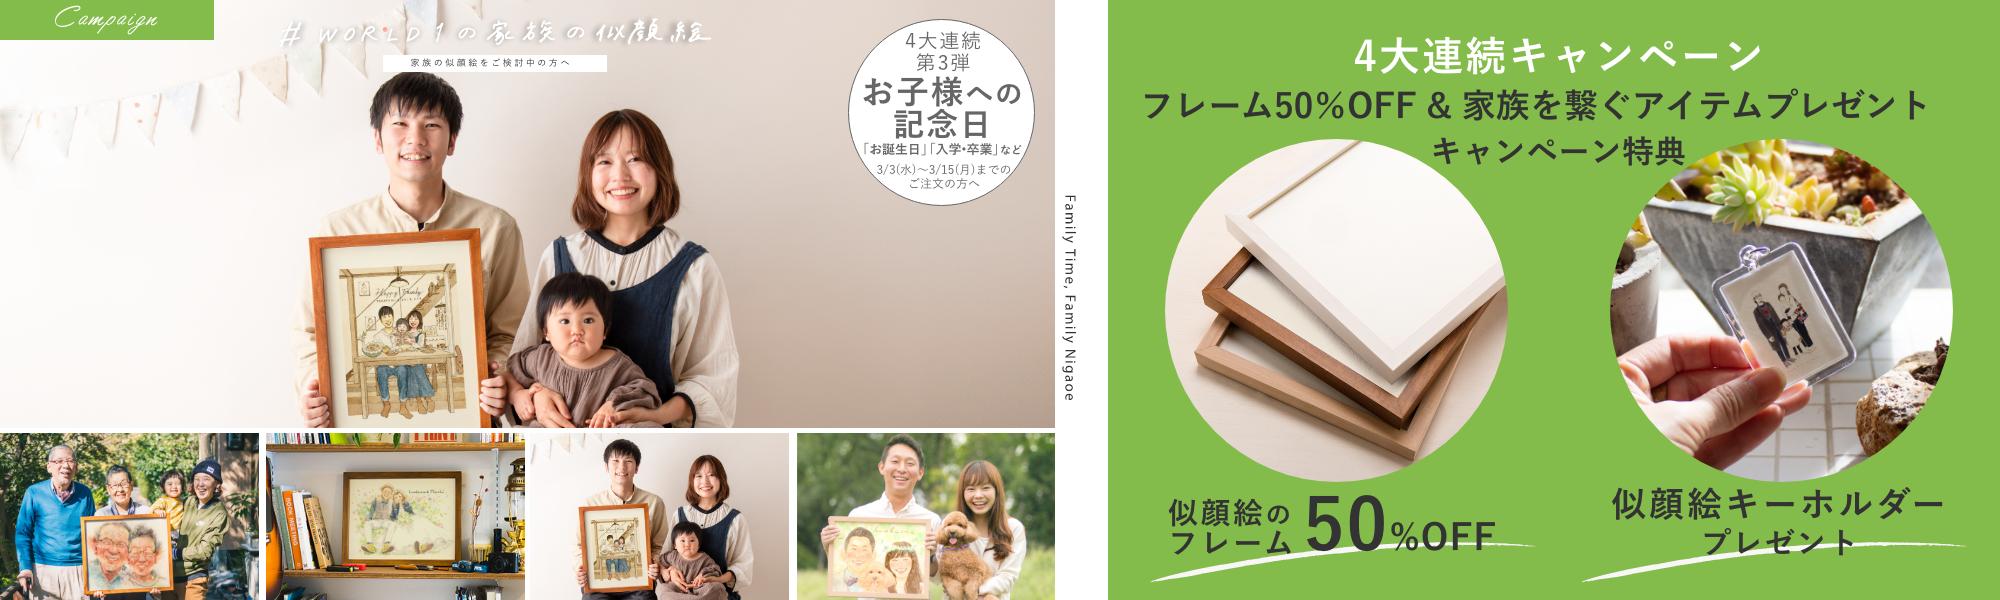 家族の似顔絵4大連続キャンペーン フレーム50%OFF & アイテムプレゼント